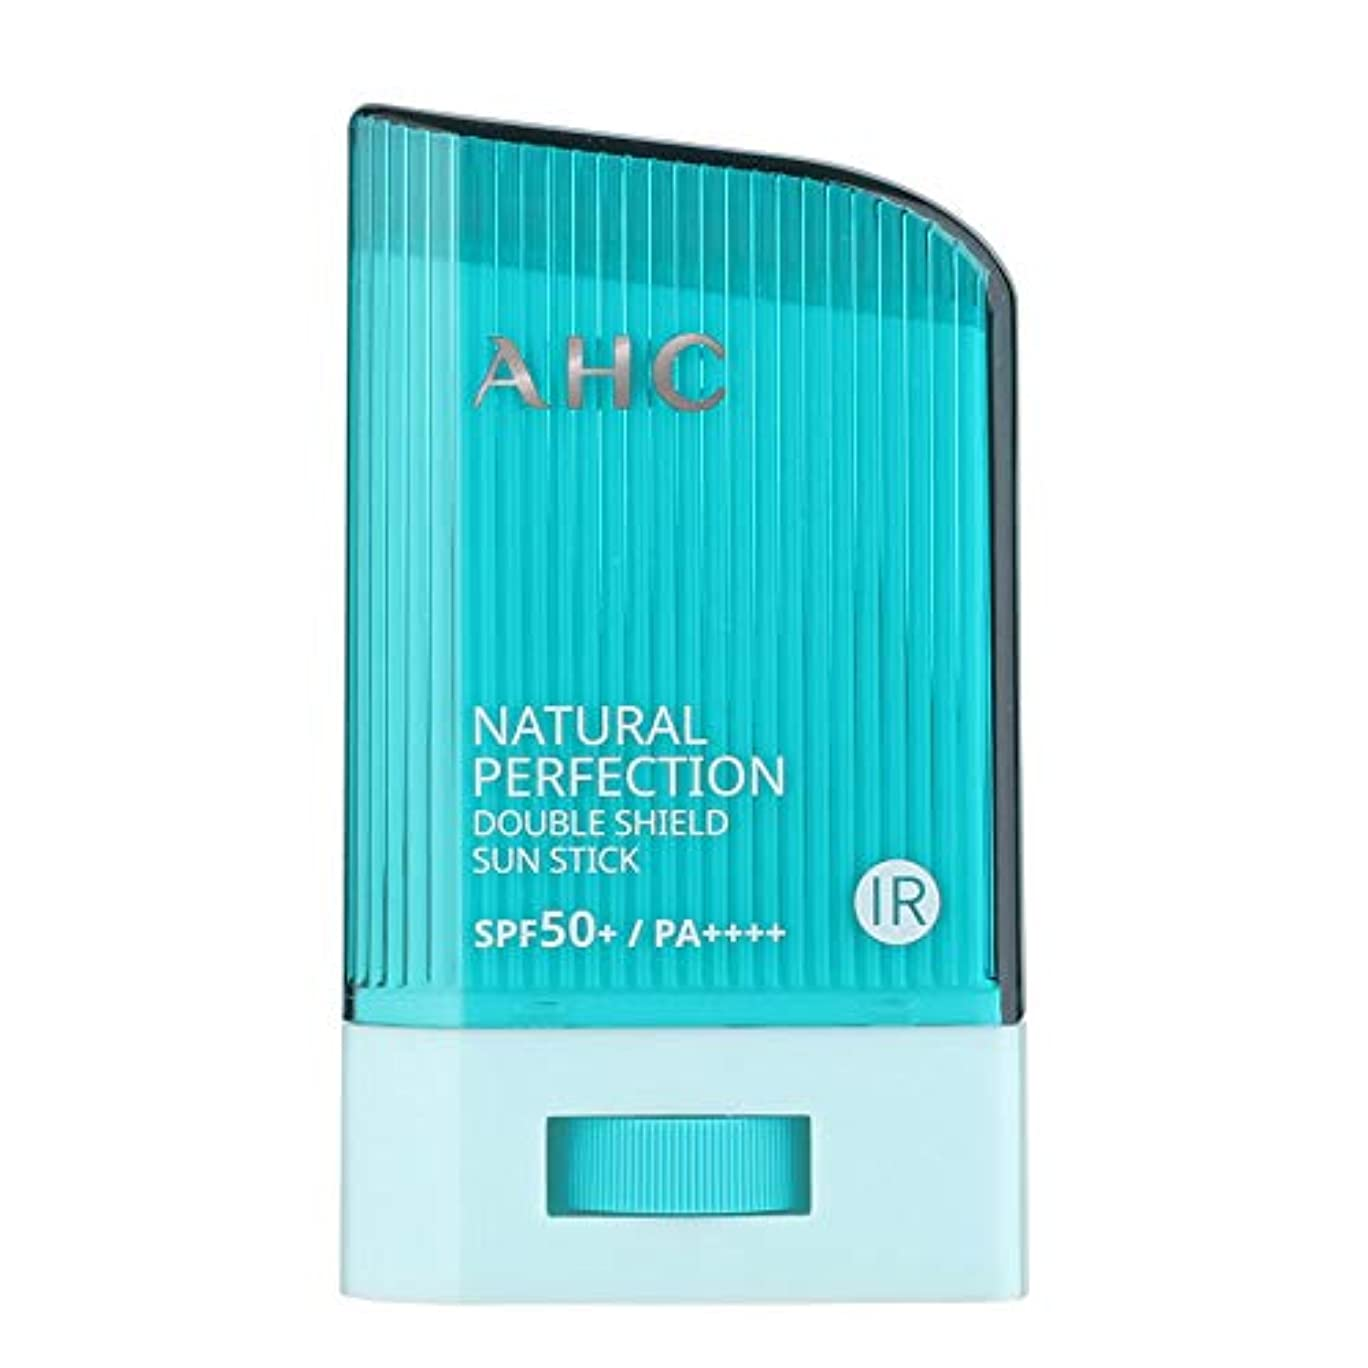 見通し探す咽頭AHC ナチュラルパーフェクションダブルシールドサンスティック 22g, Natural Perfection Double Shield Sun Stick SPF50+ PA++++